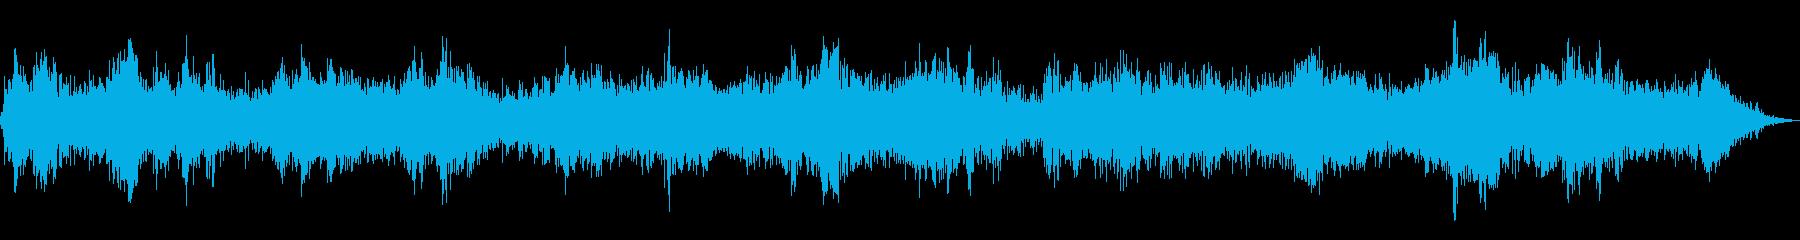 フェリー、カーフェリー、カーズオン...の再生済みの波形